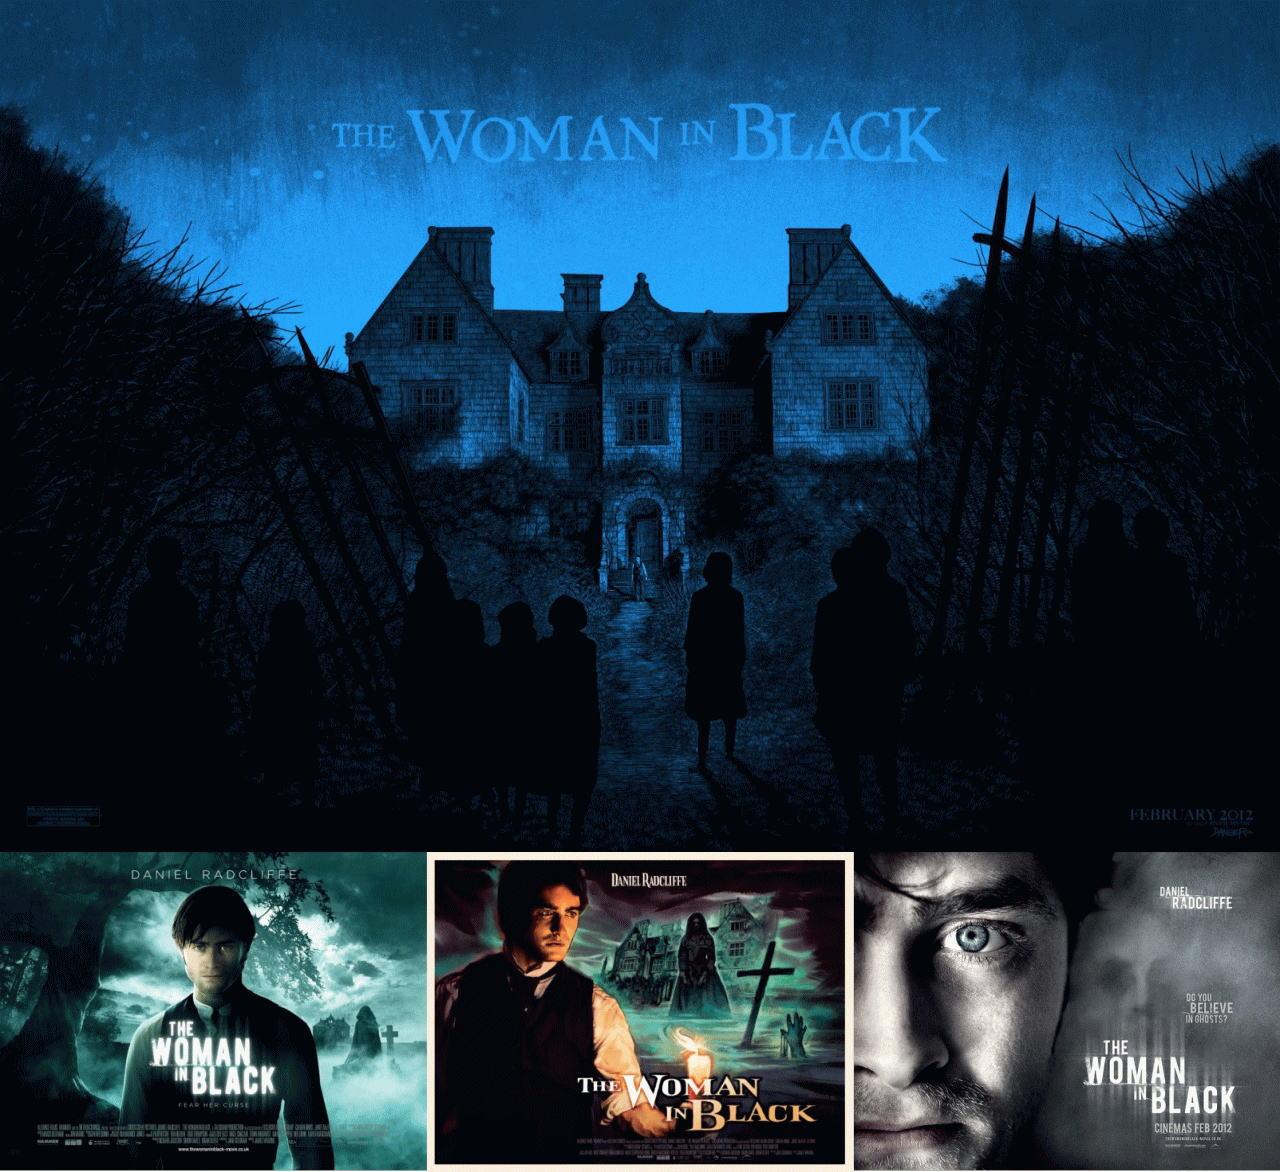 映画『ウーマン・イン・ブラック 亡霊の館 THE WOMAN IN BLACK』ポスター(6) ▼ポスター画像クリックで拡大します。